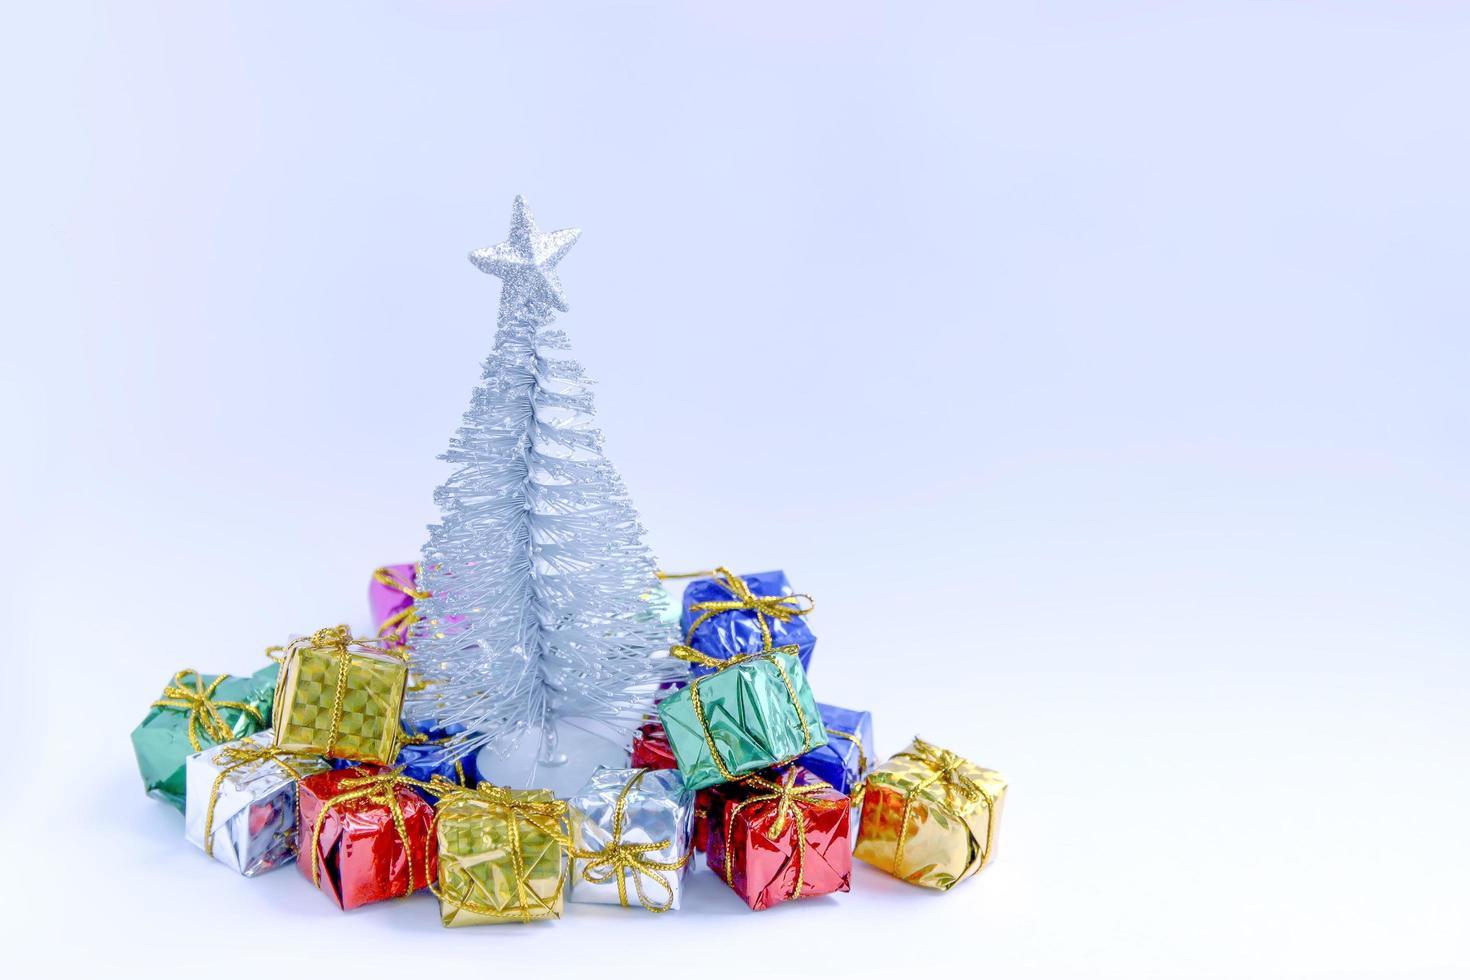 árbol de navidad con regalos coloridos foto